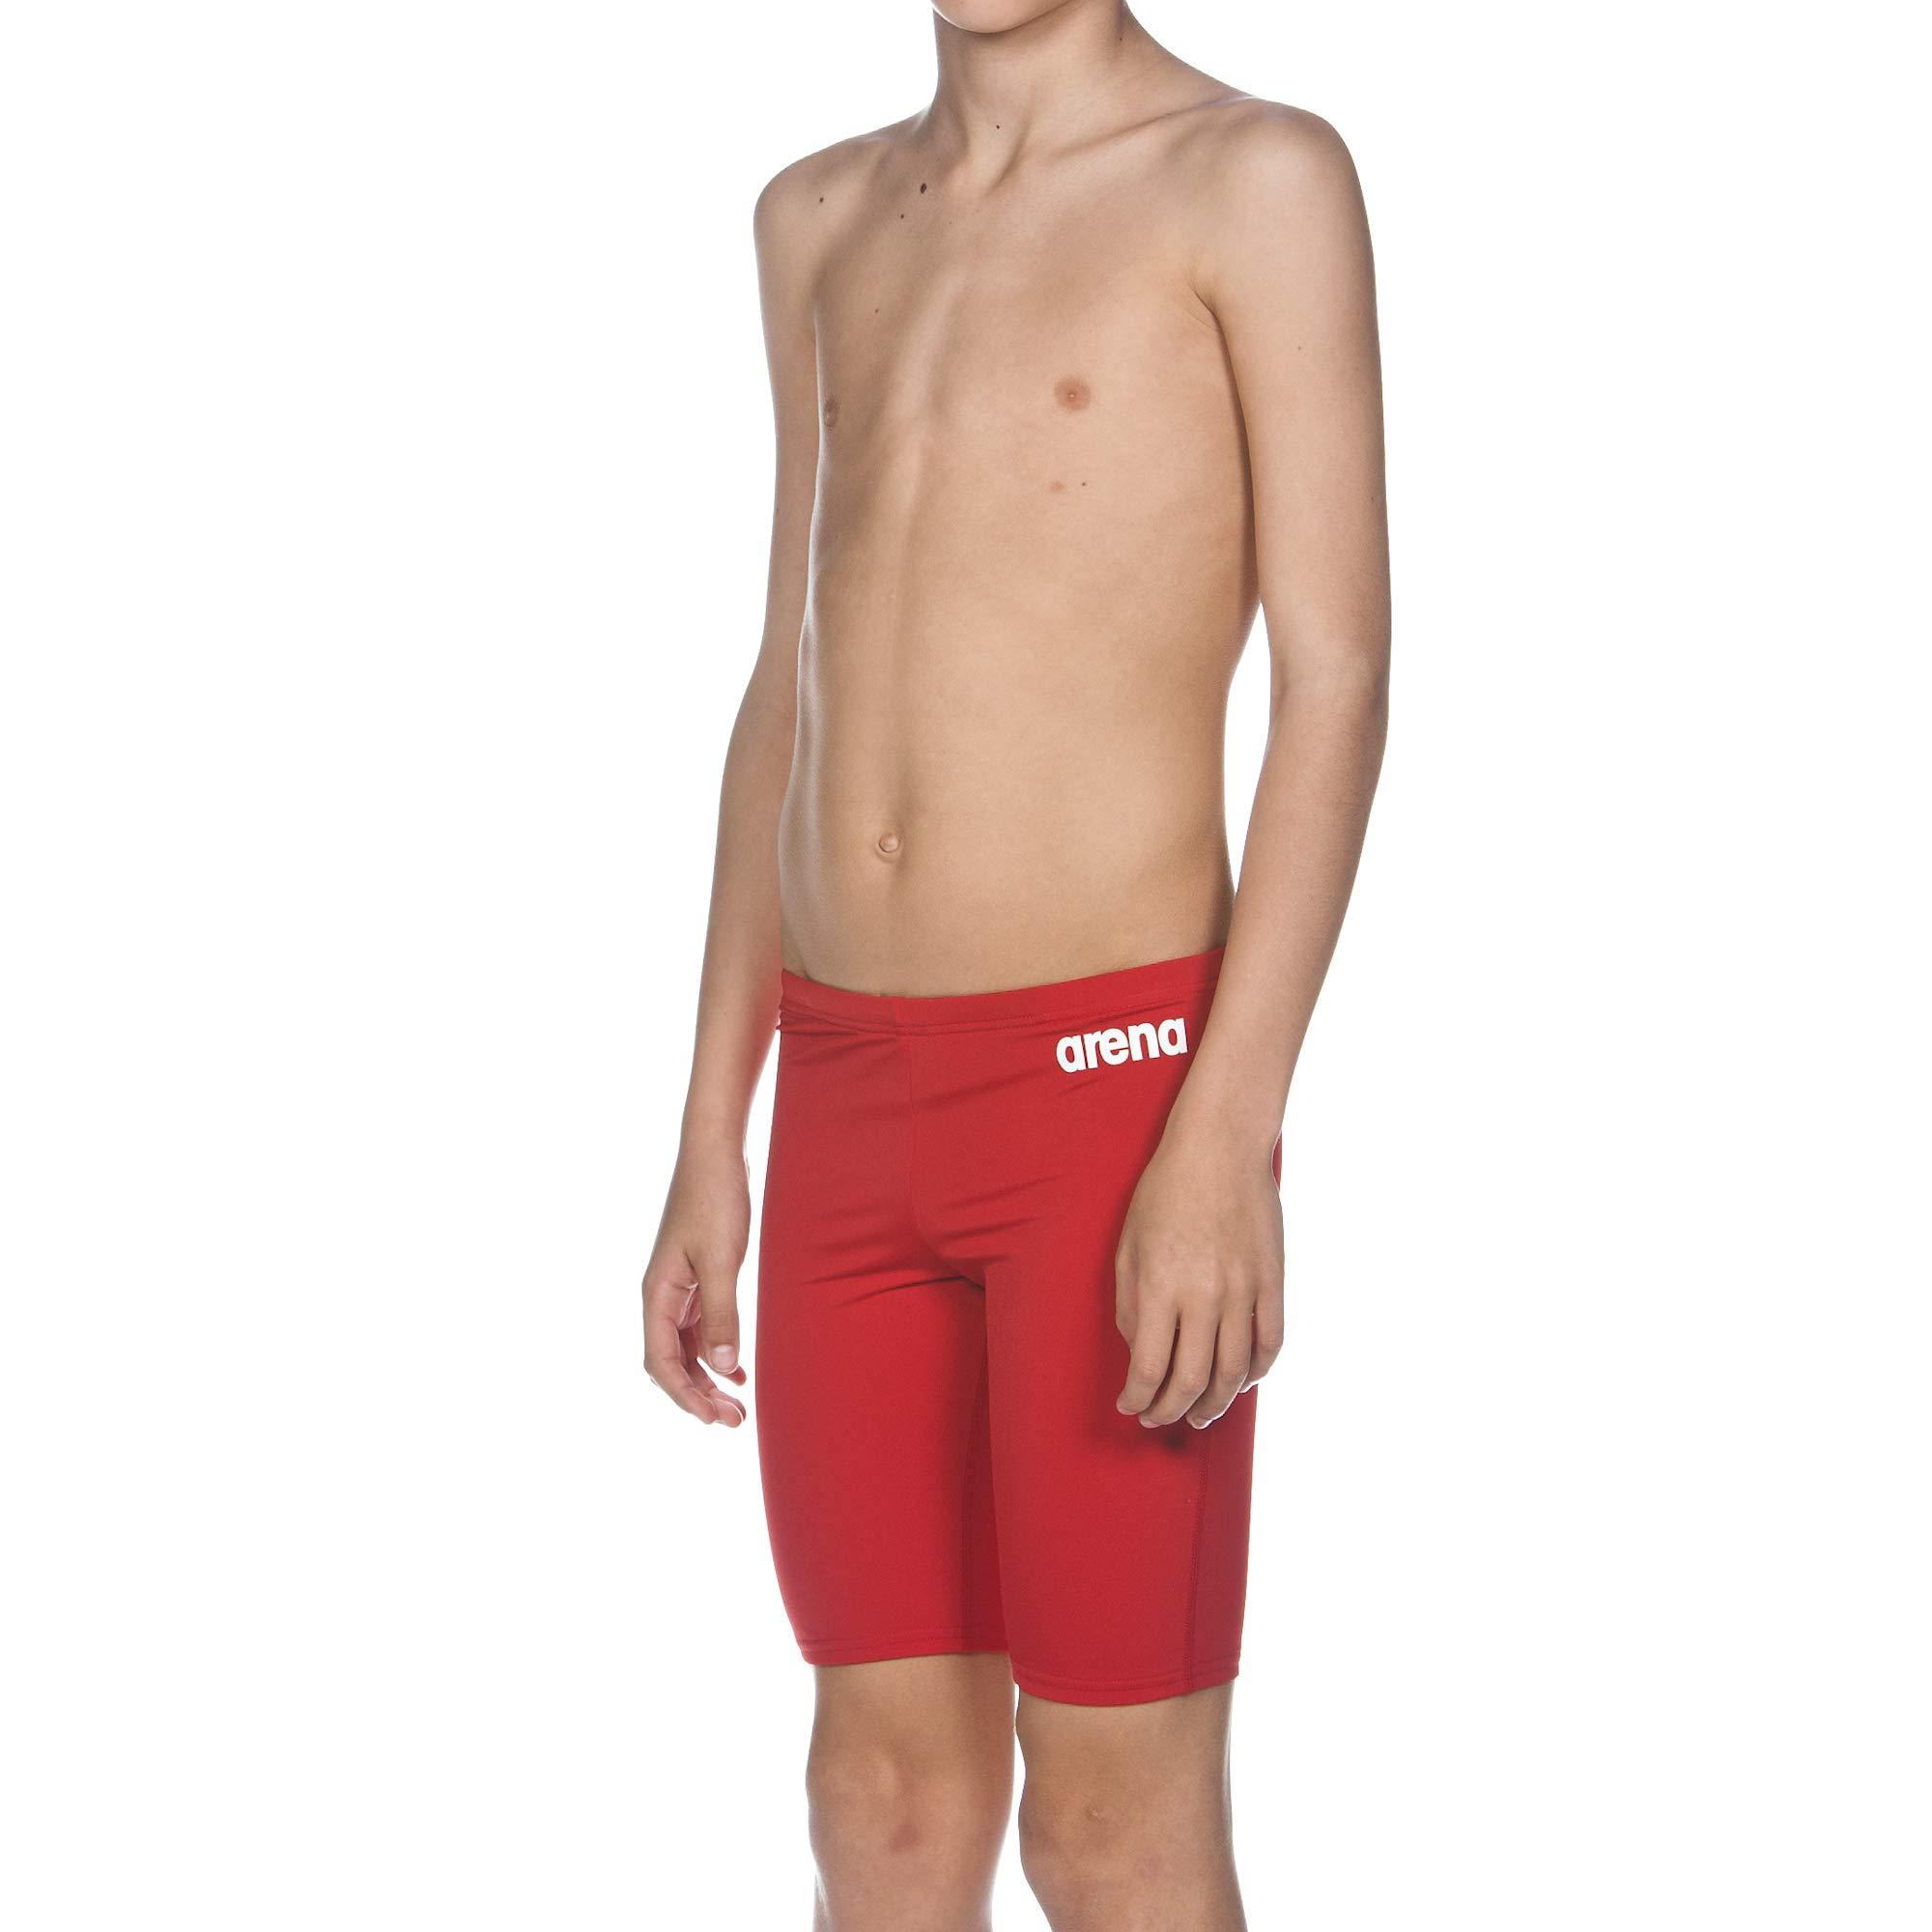 arena Jungen Badehose Boy Brief X012